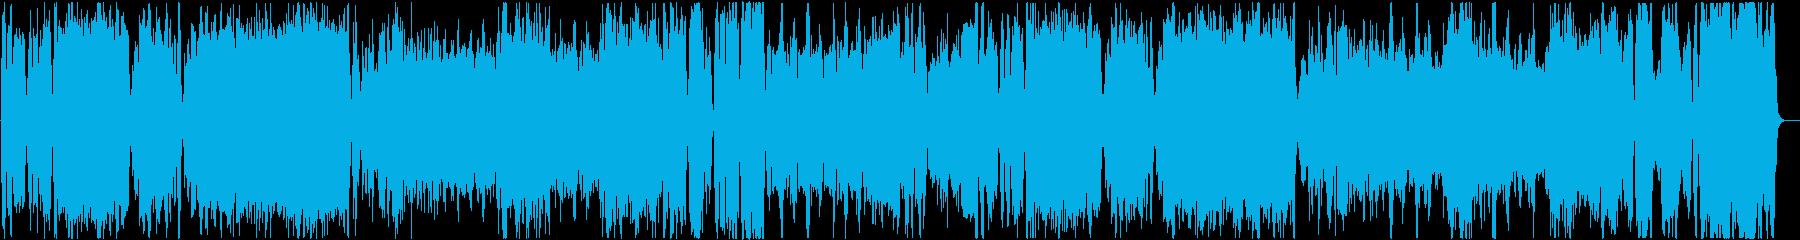 クラシックの定番モーツァルトのアイネク。の再生済みの波形